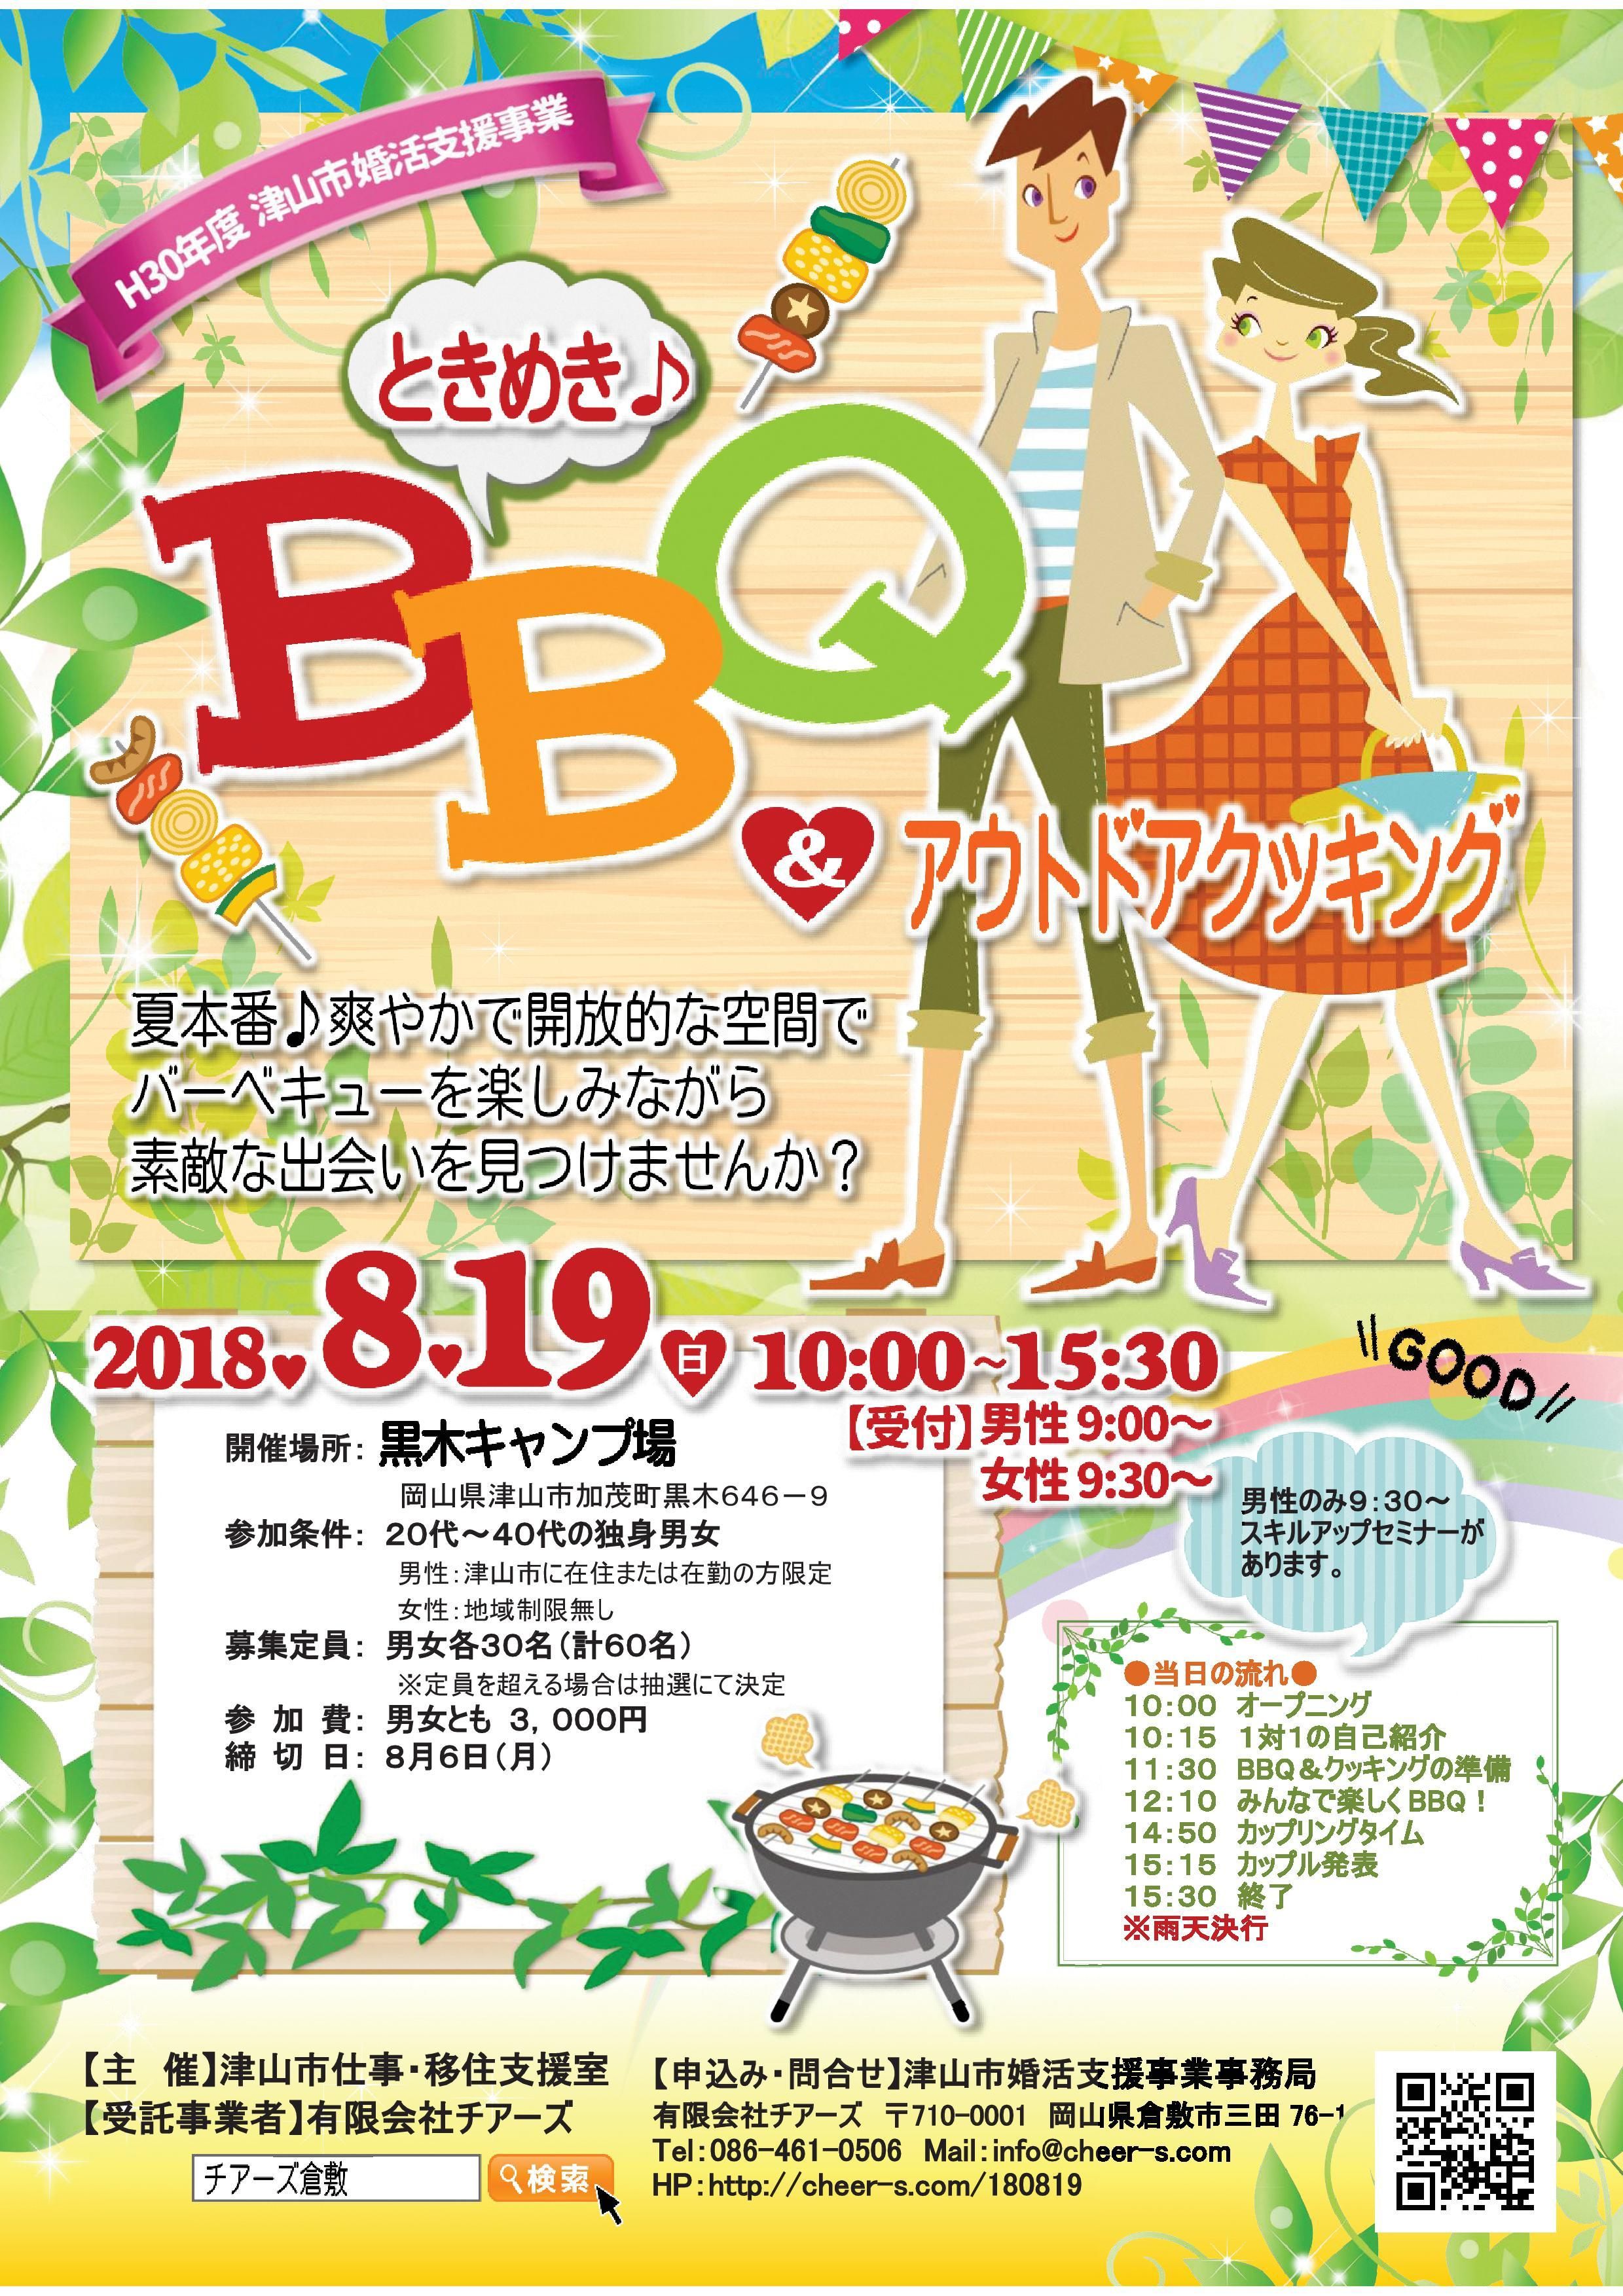 2018年8月19日(日) 津山市婚活支援事業 「ときめき♪ BBQ&アウトドアクッキング」開催のお知らせ